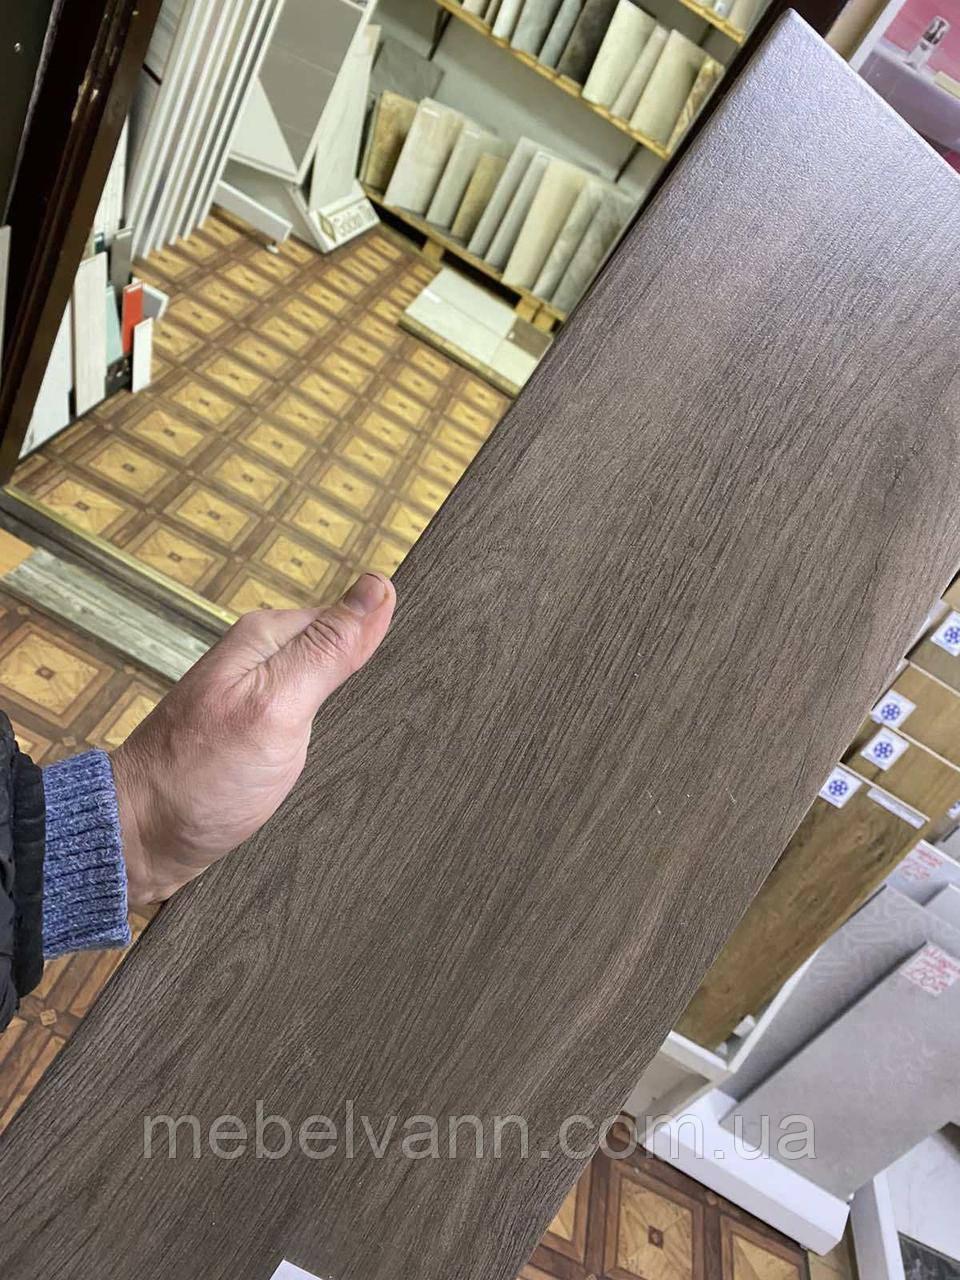 Керамогранит для пола Sherwood коричневый 20*60 Шервуд коричневый